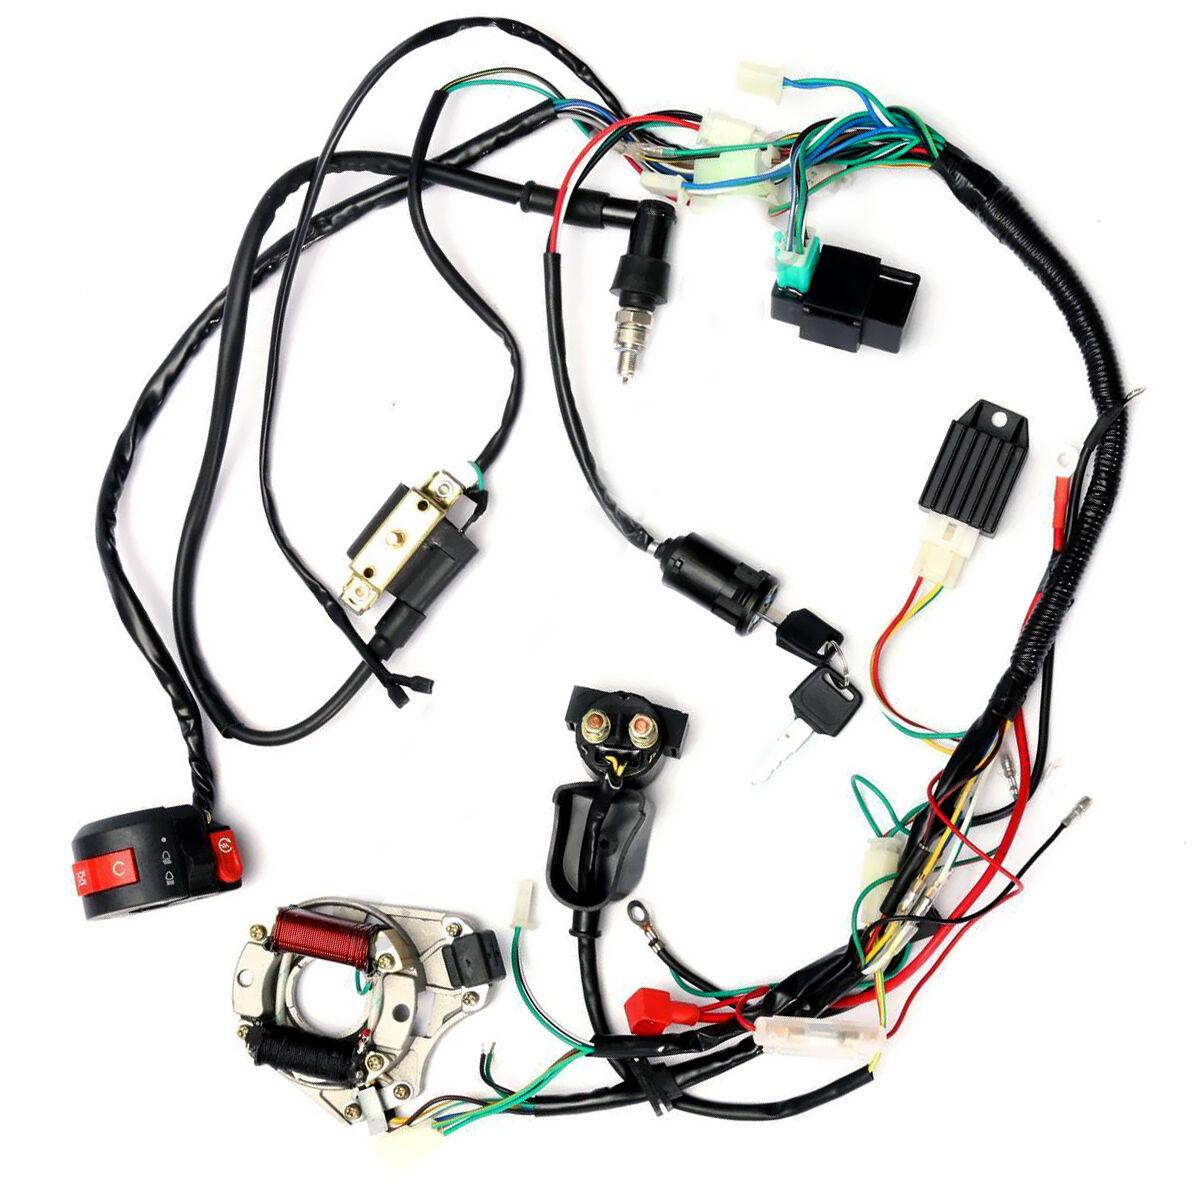 hensim 50cc atv wire diagram best wiring libraryebay 50cc atv wiring  harness wiring diagram with description